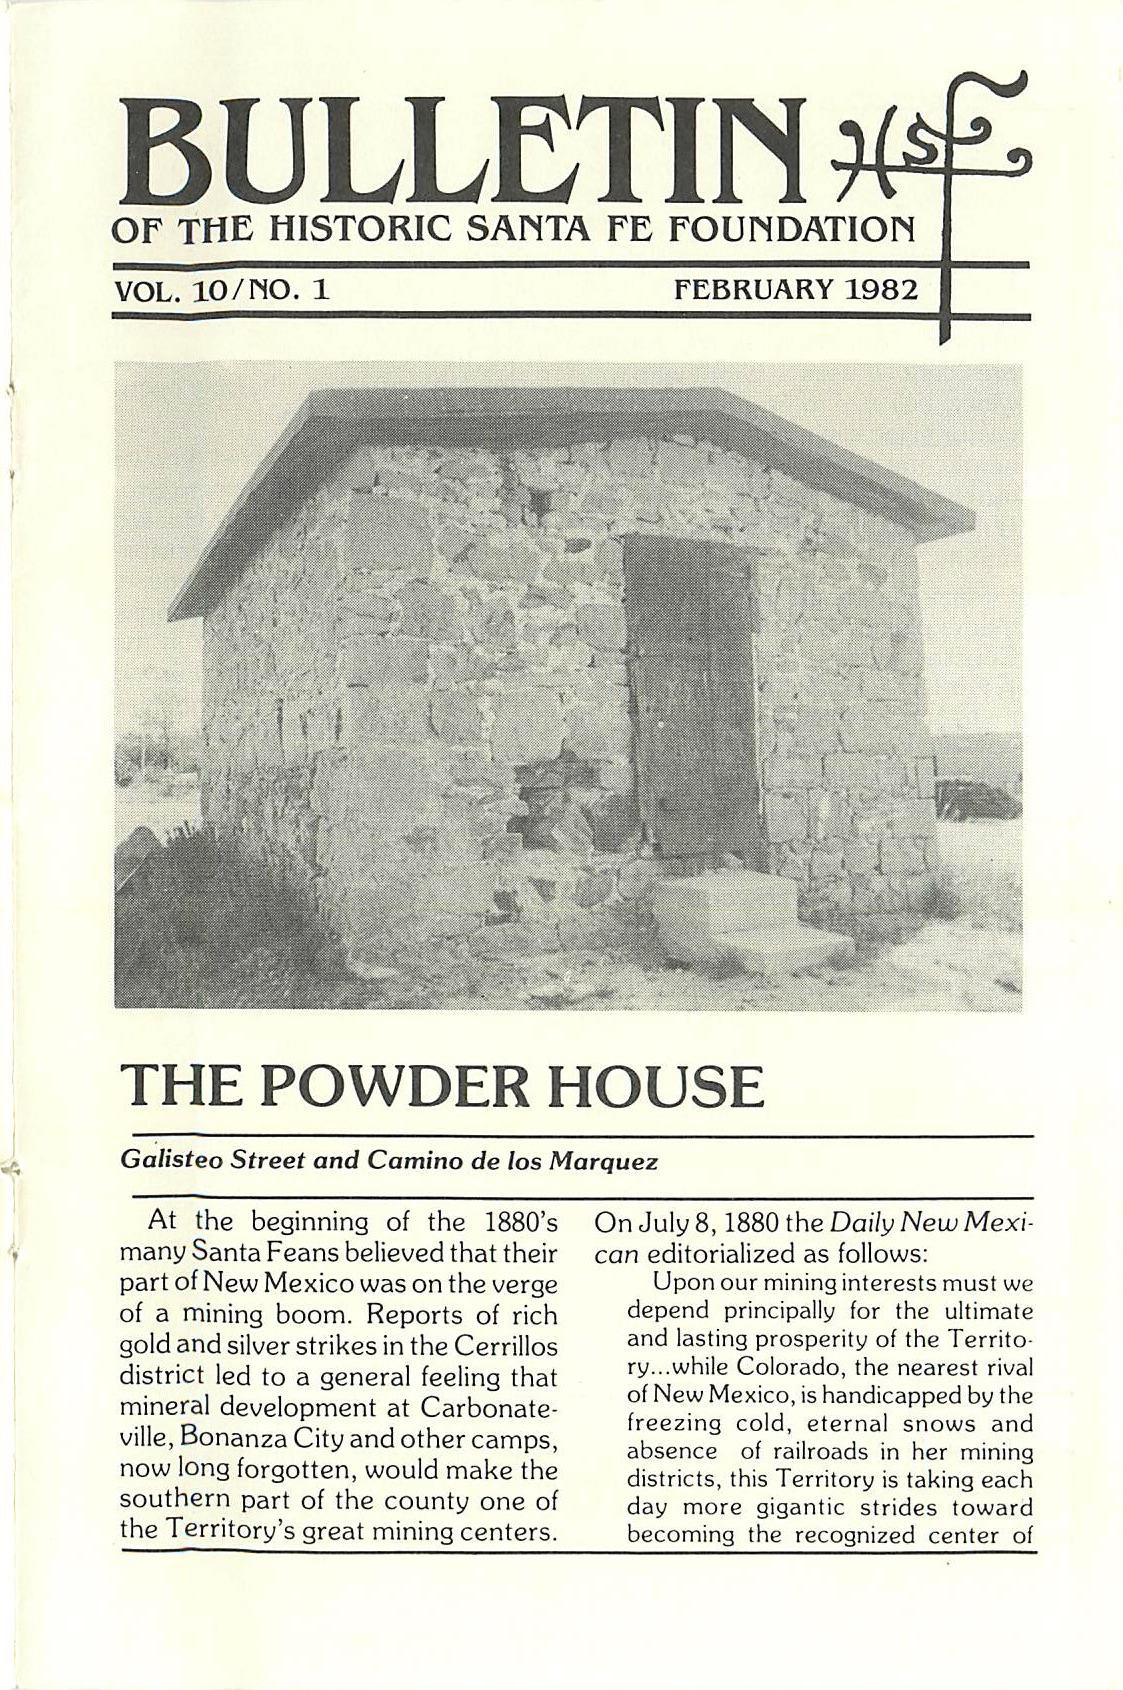 1982 HSFF Bulletin Vol.10 No.1 Cover